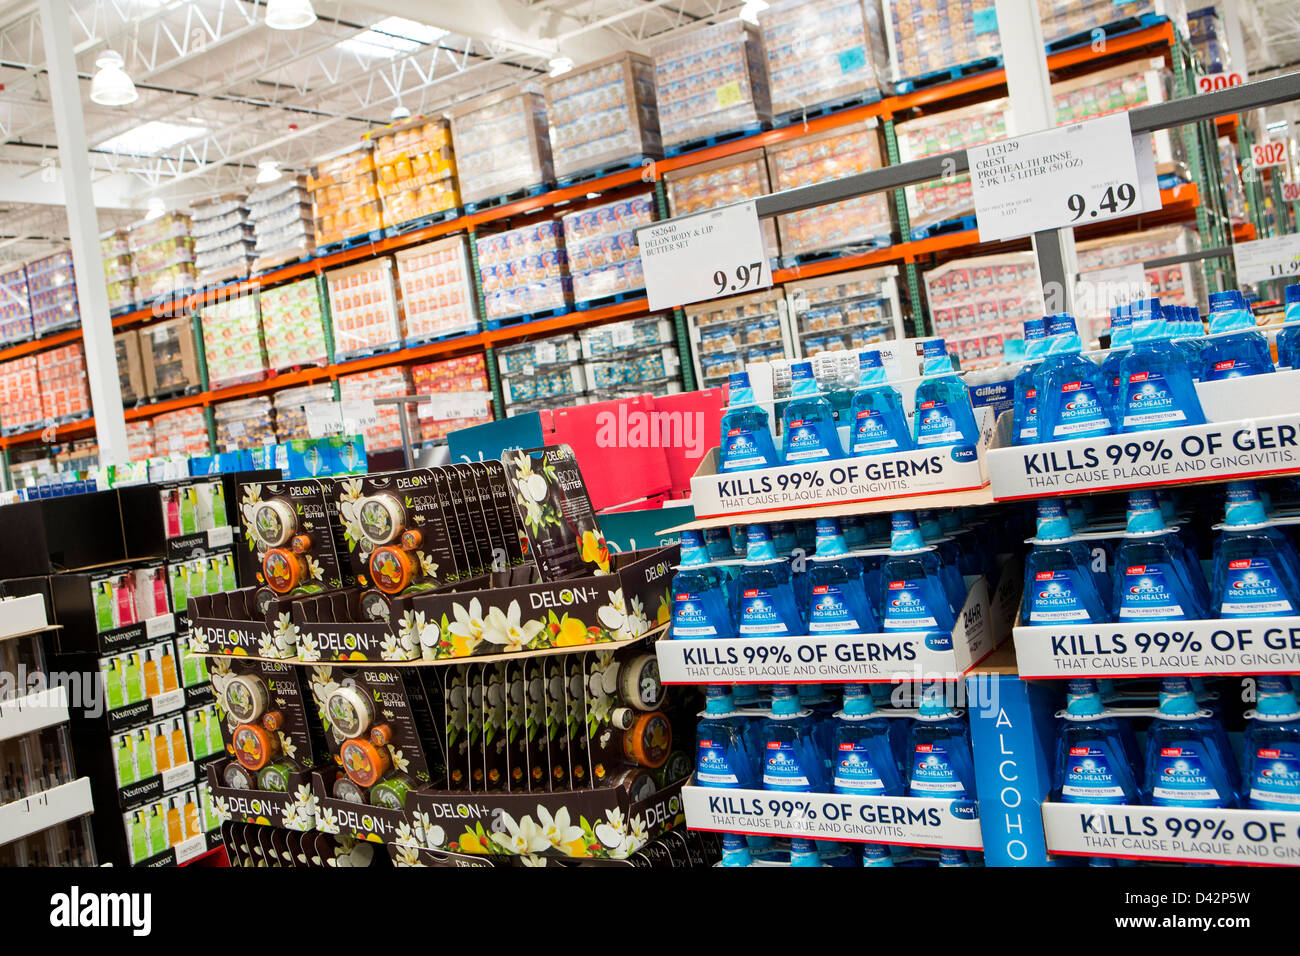 Prodotti sul visualizzatore in corrispondenza di un Costco Wholesale Club magazzino. Immagini Stock